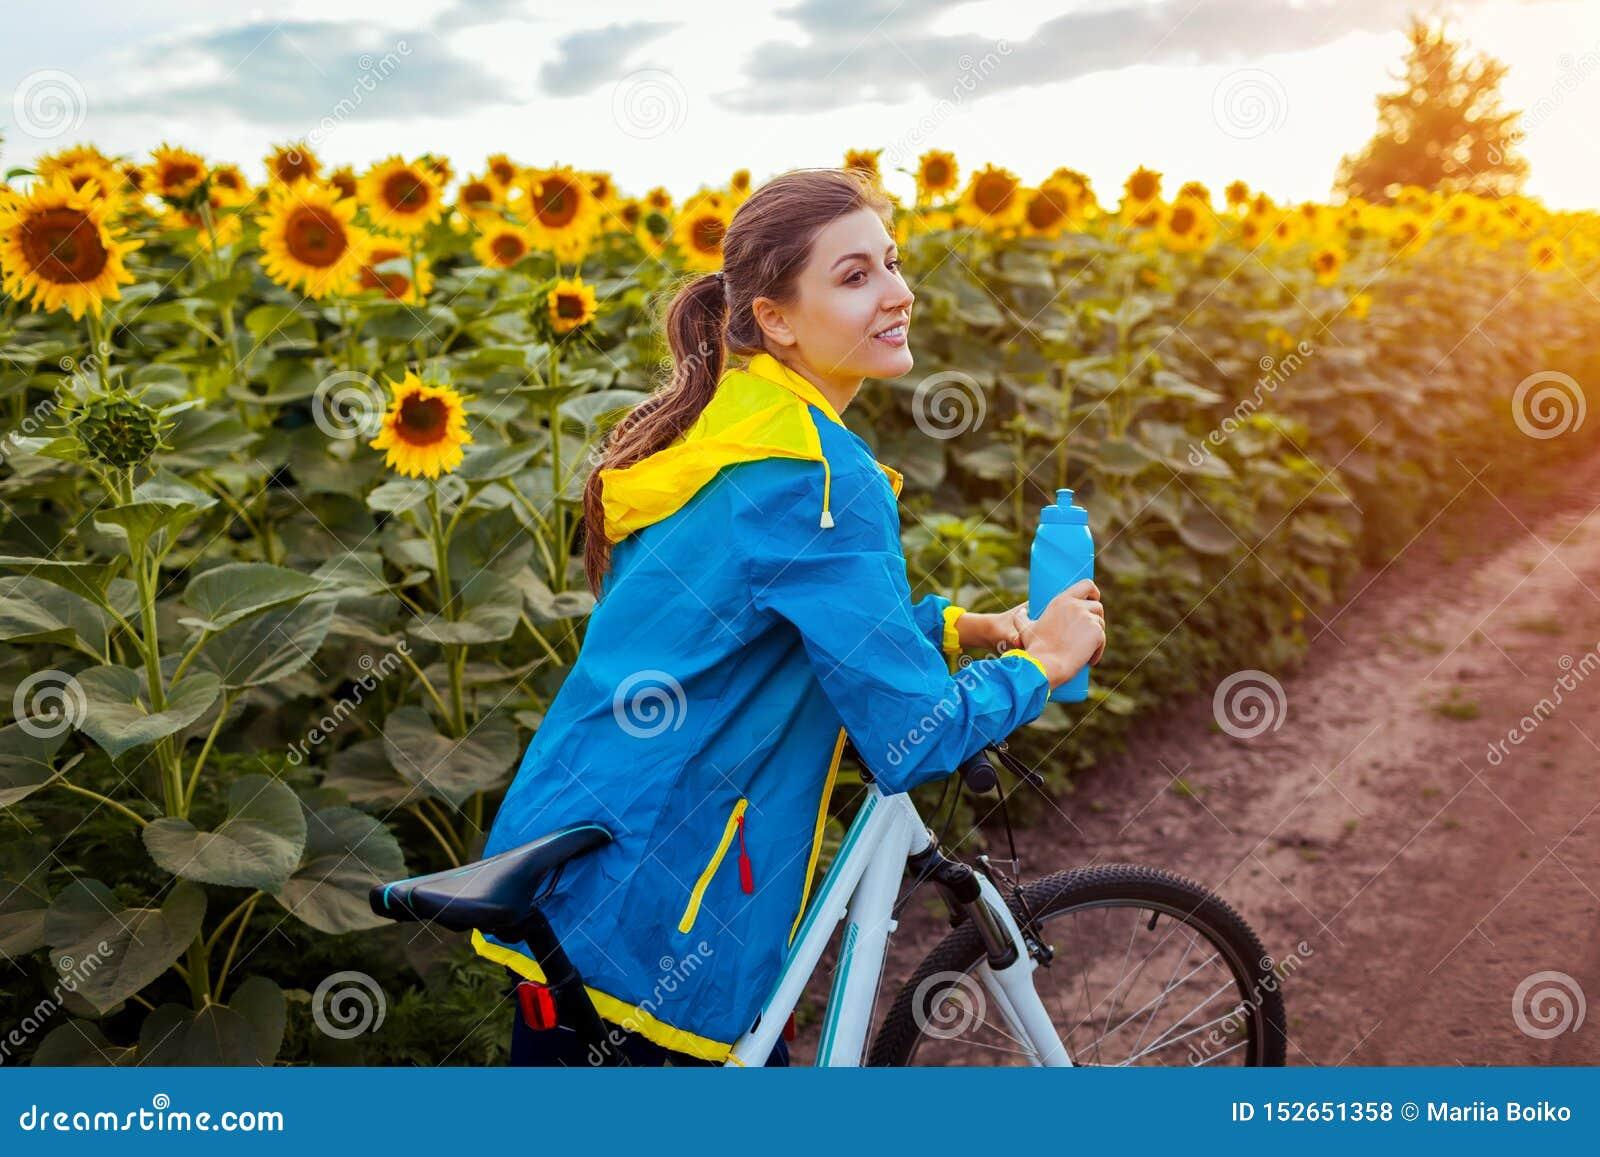 Junges glückliches Frauenradfahrer-Reitfahrrad im Sonnenblumenfeld Sommer-Sport-T?tigkeit Gesunder Lebensstil